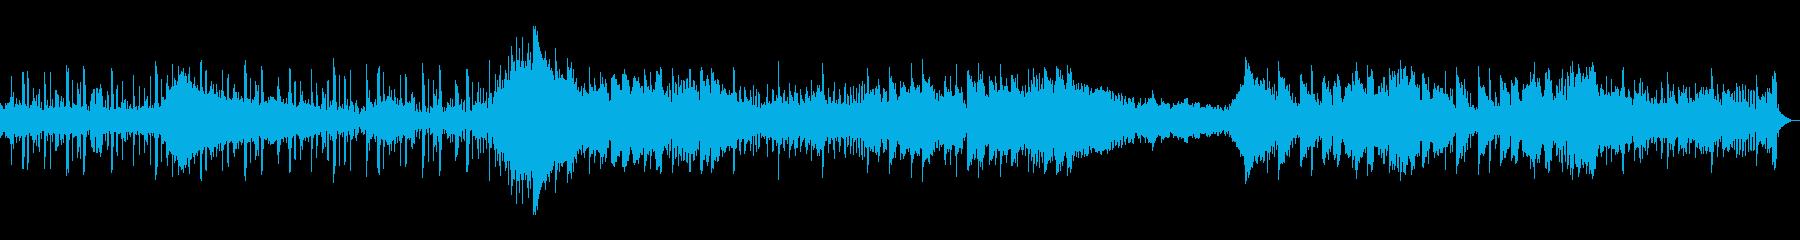 幻想的な自然をイメージしたゆったりな曲の再生済みの波形